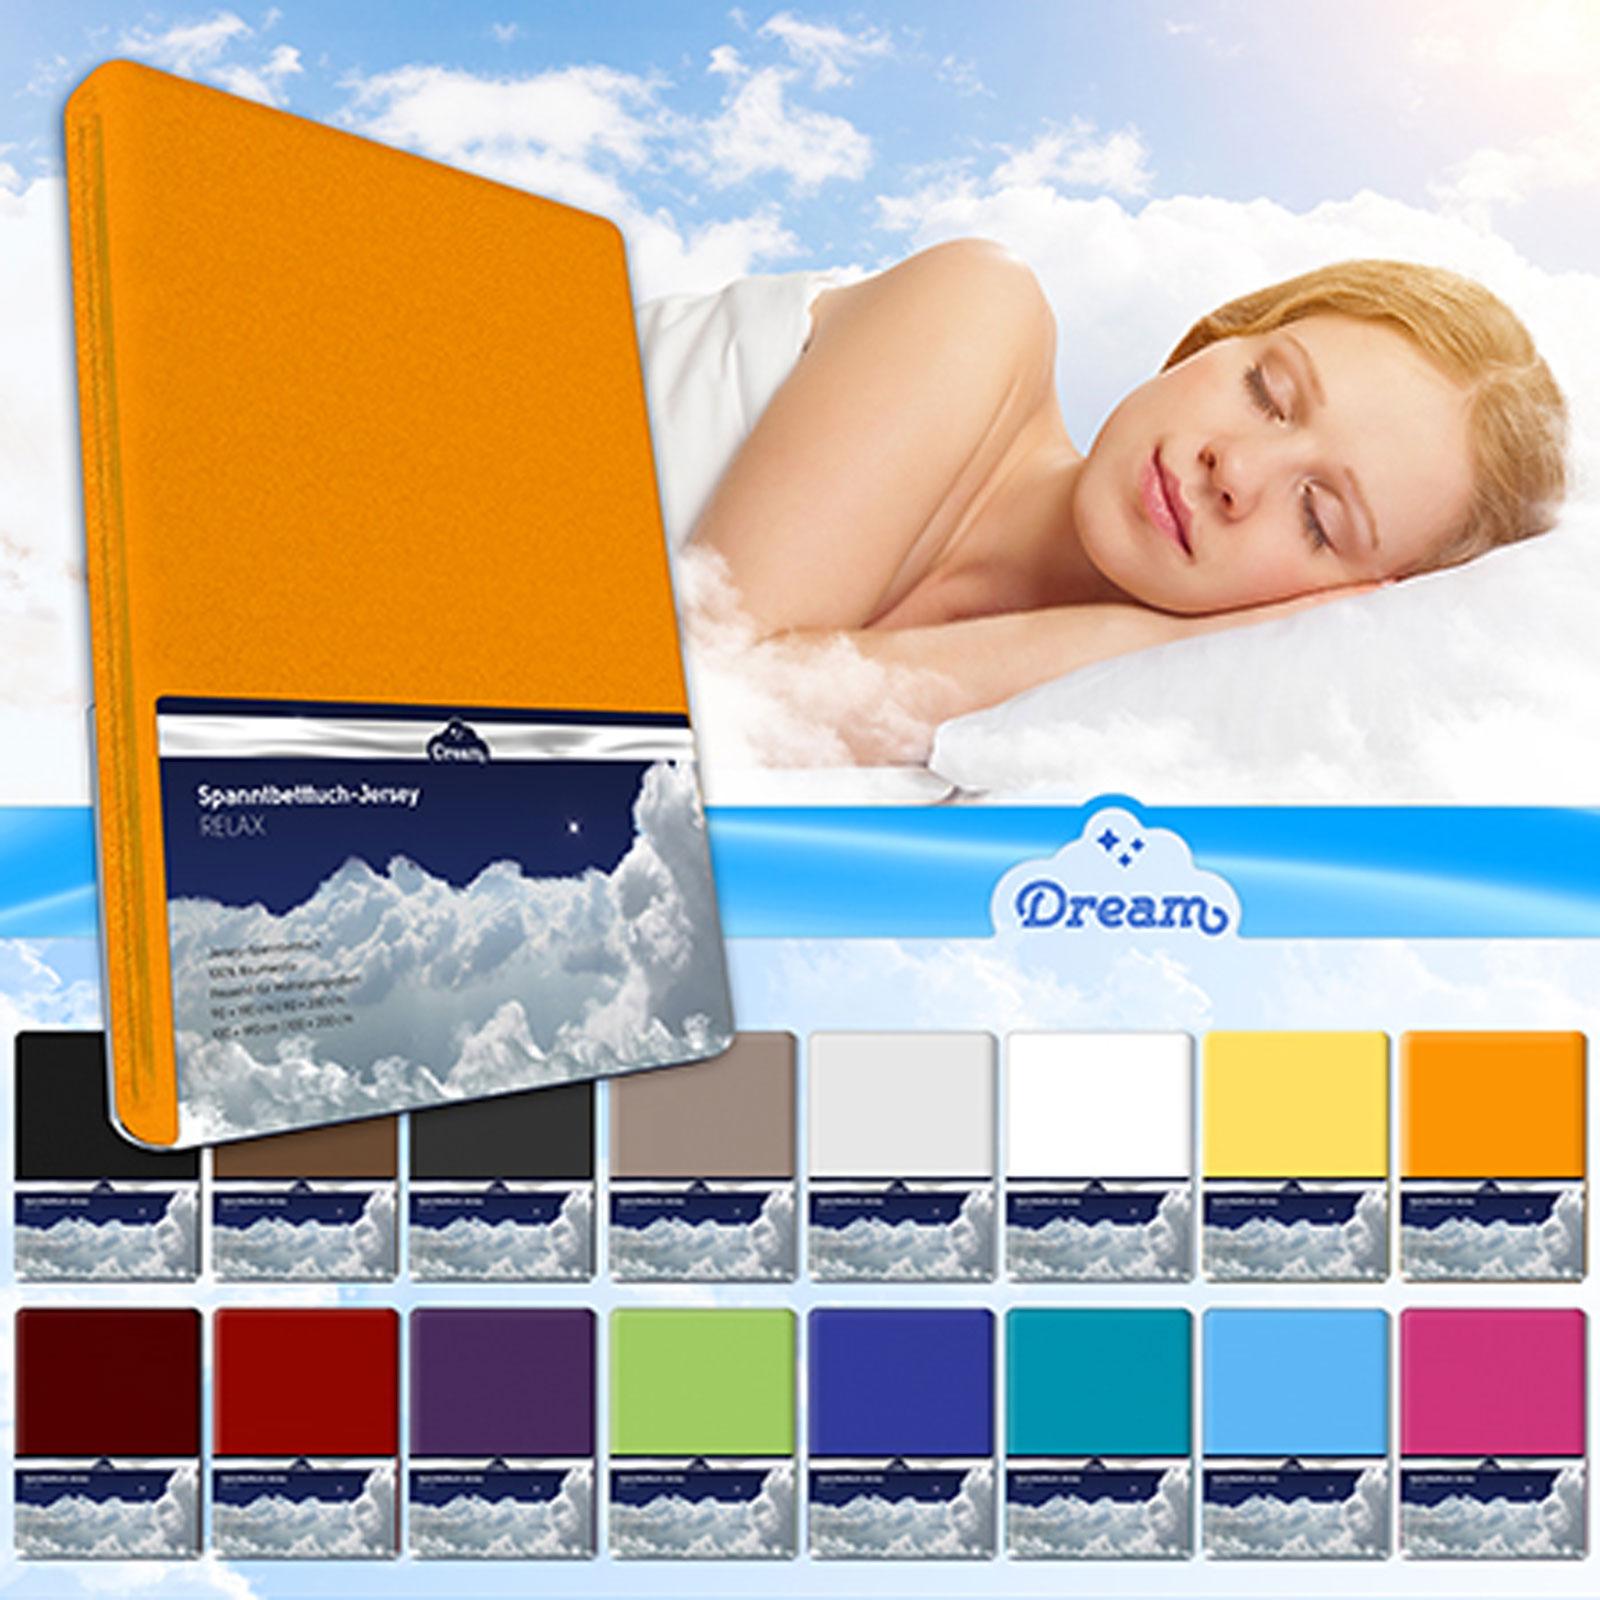 Bettwäsche - Spannbetttuch Jersey Baumwolle DREAM 180x200 200x200 Spannbettlaken  - Onlineshop PremiumShop321